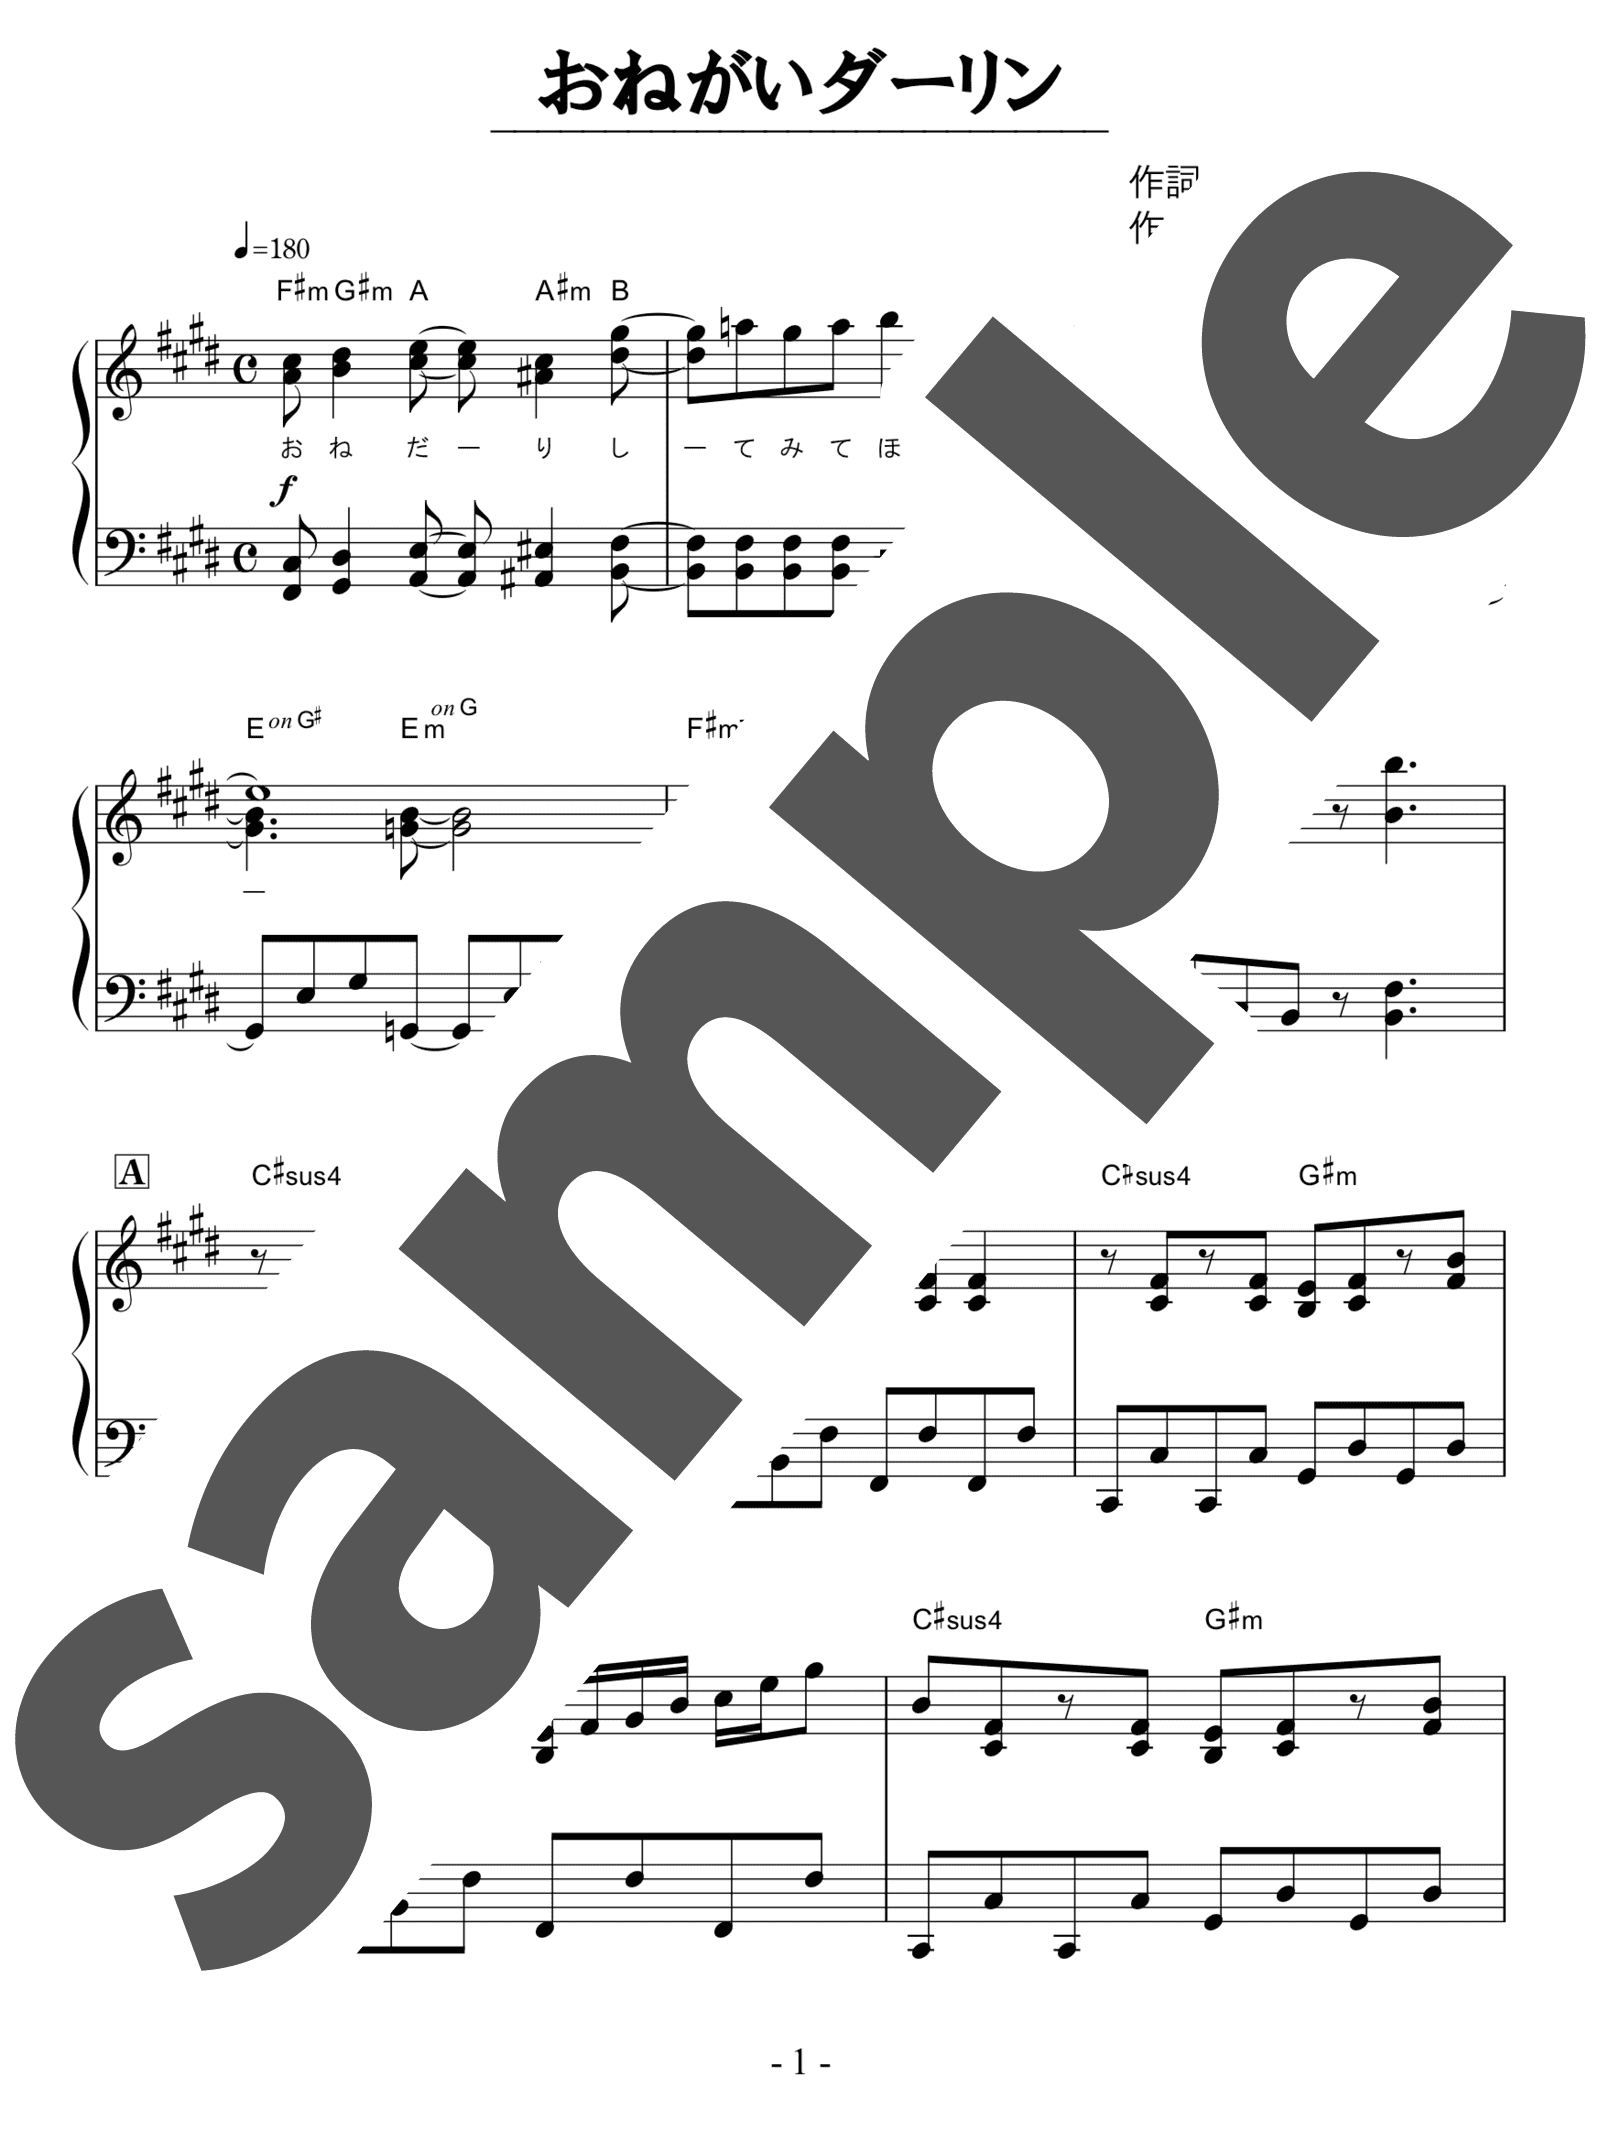 「おねがいダーリン」のサンプル楽譜